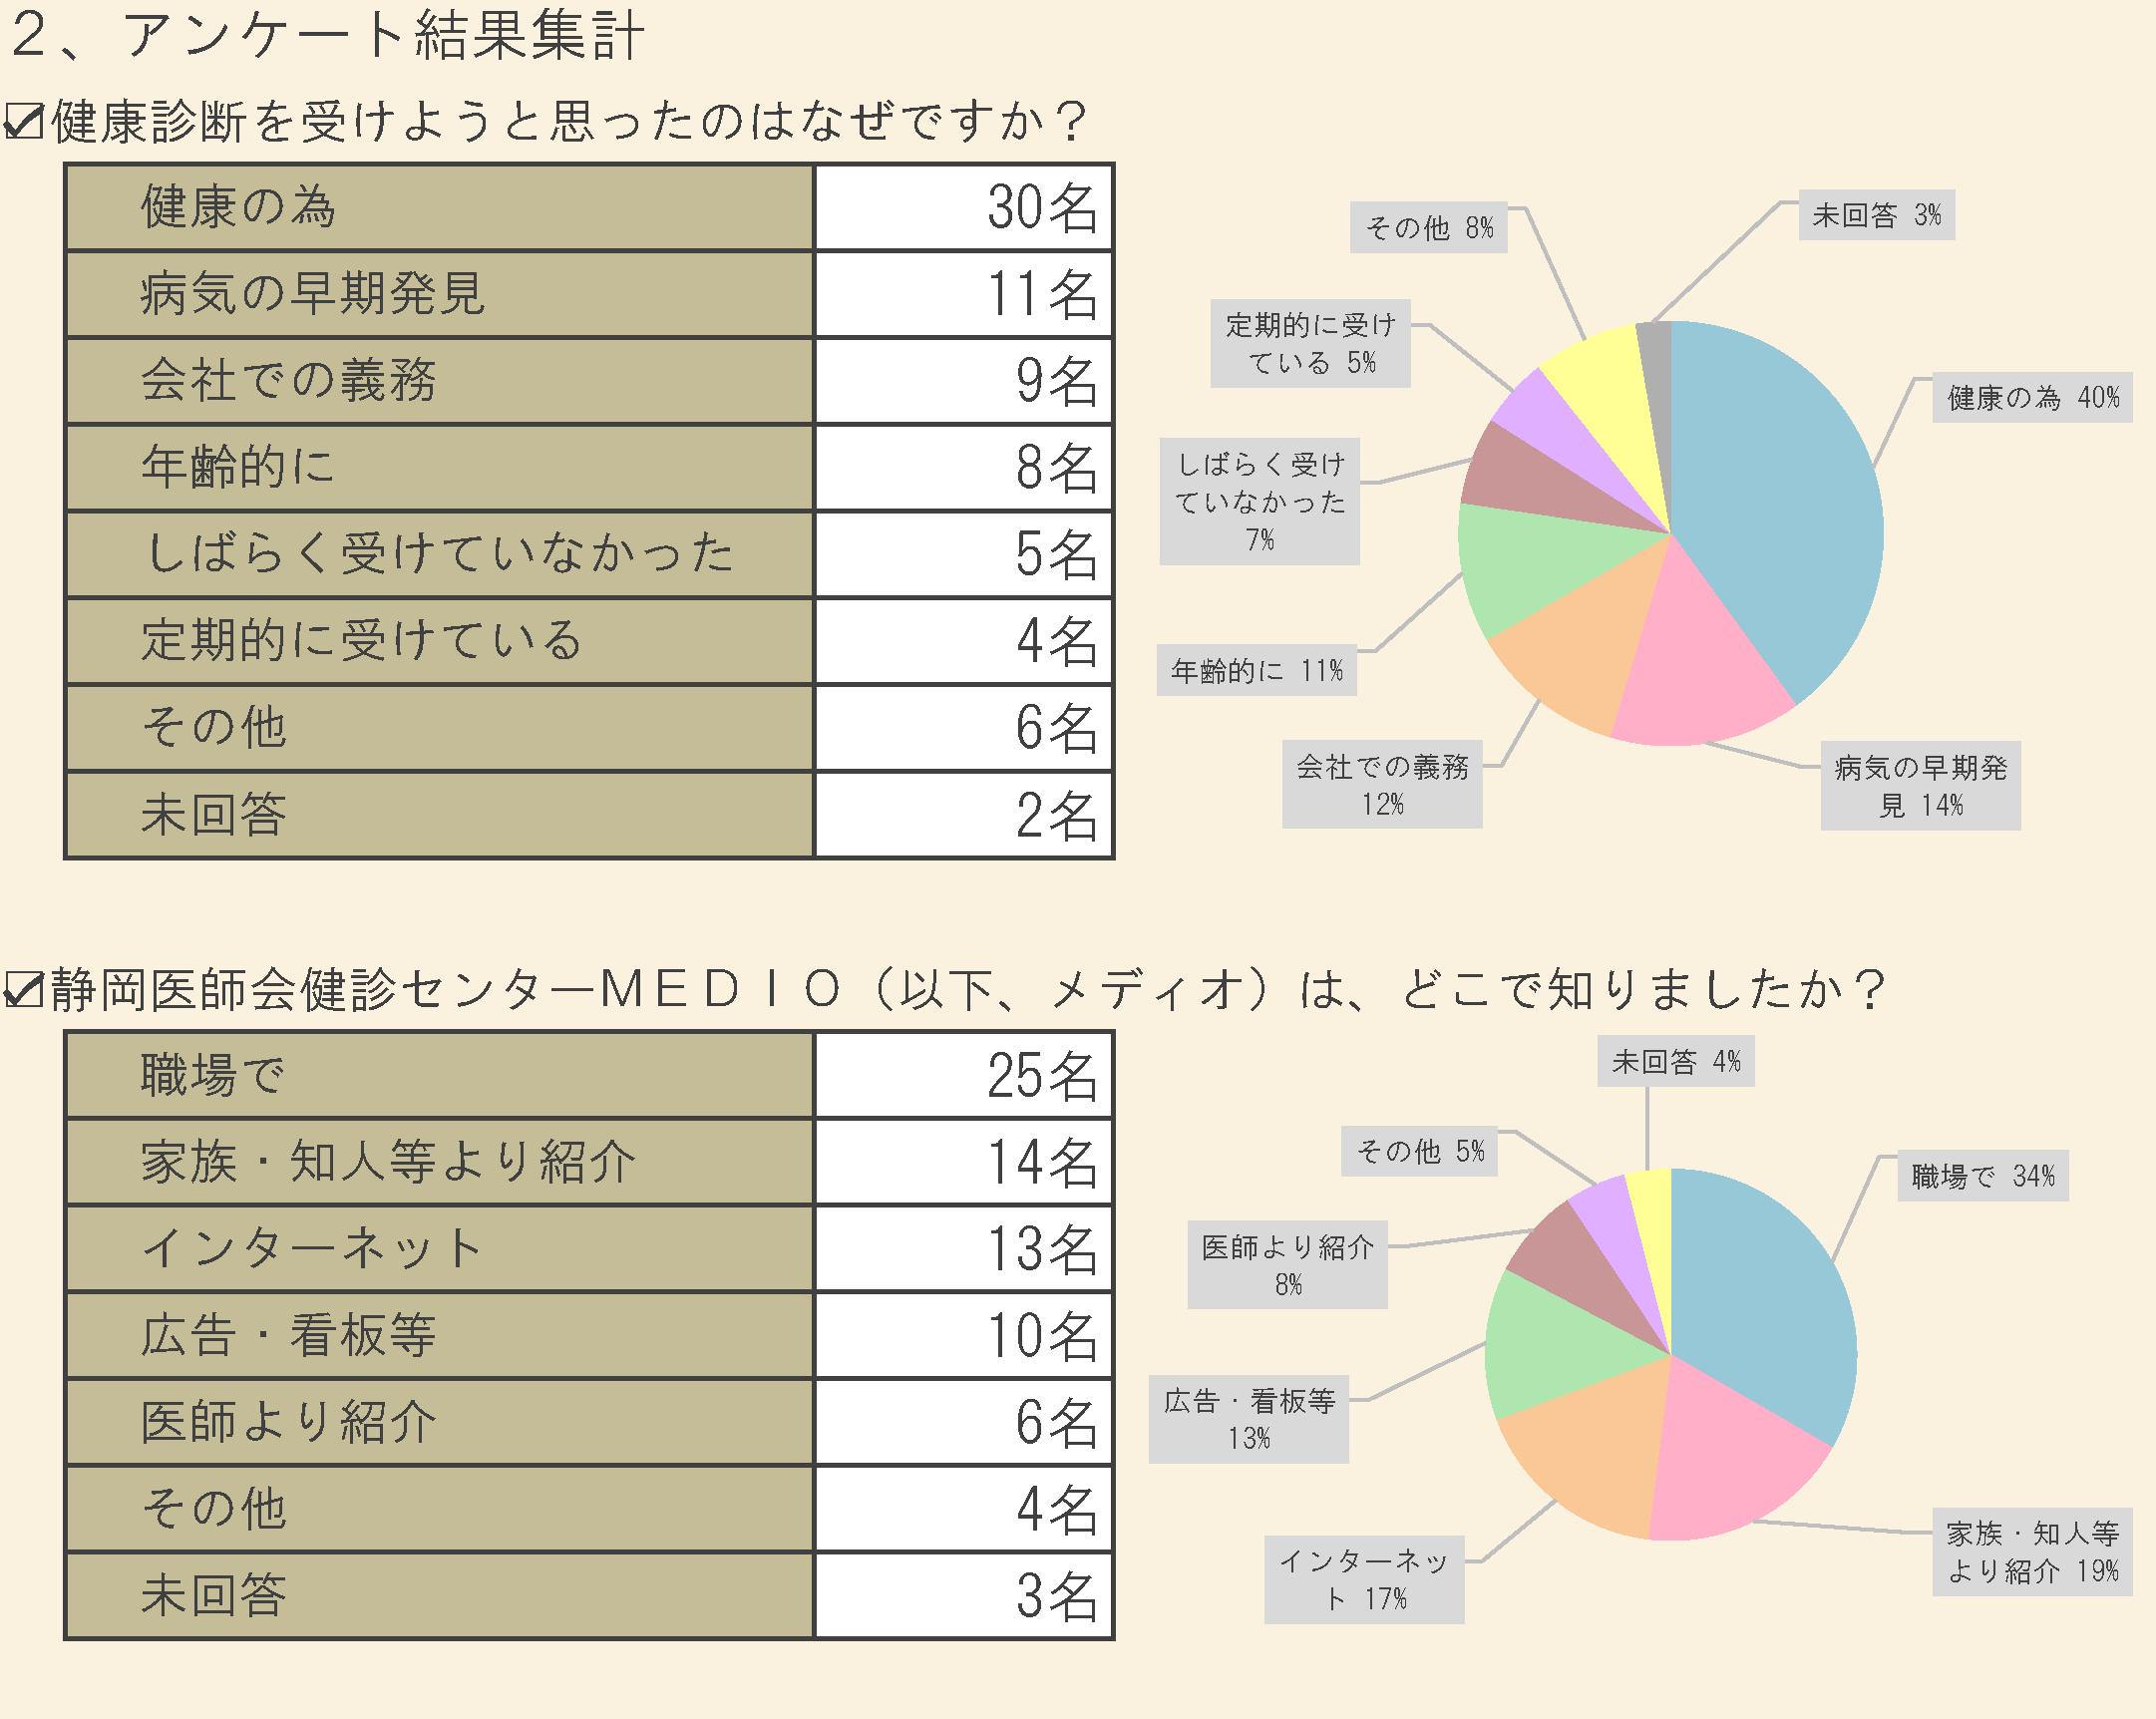 平成26年度 お客様アンケート 集計結果 | 静岡(静岡県)の健診 ...